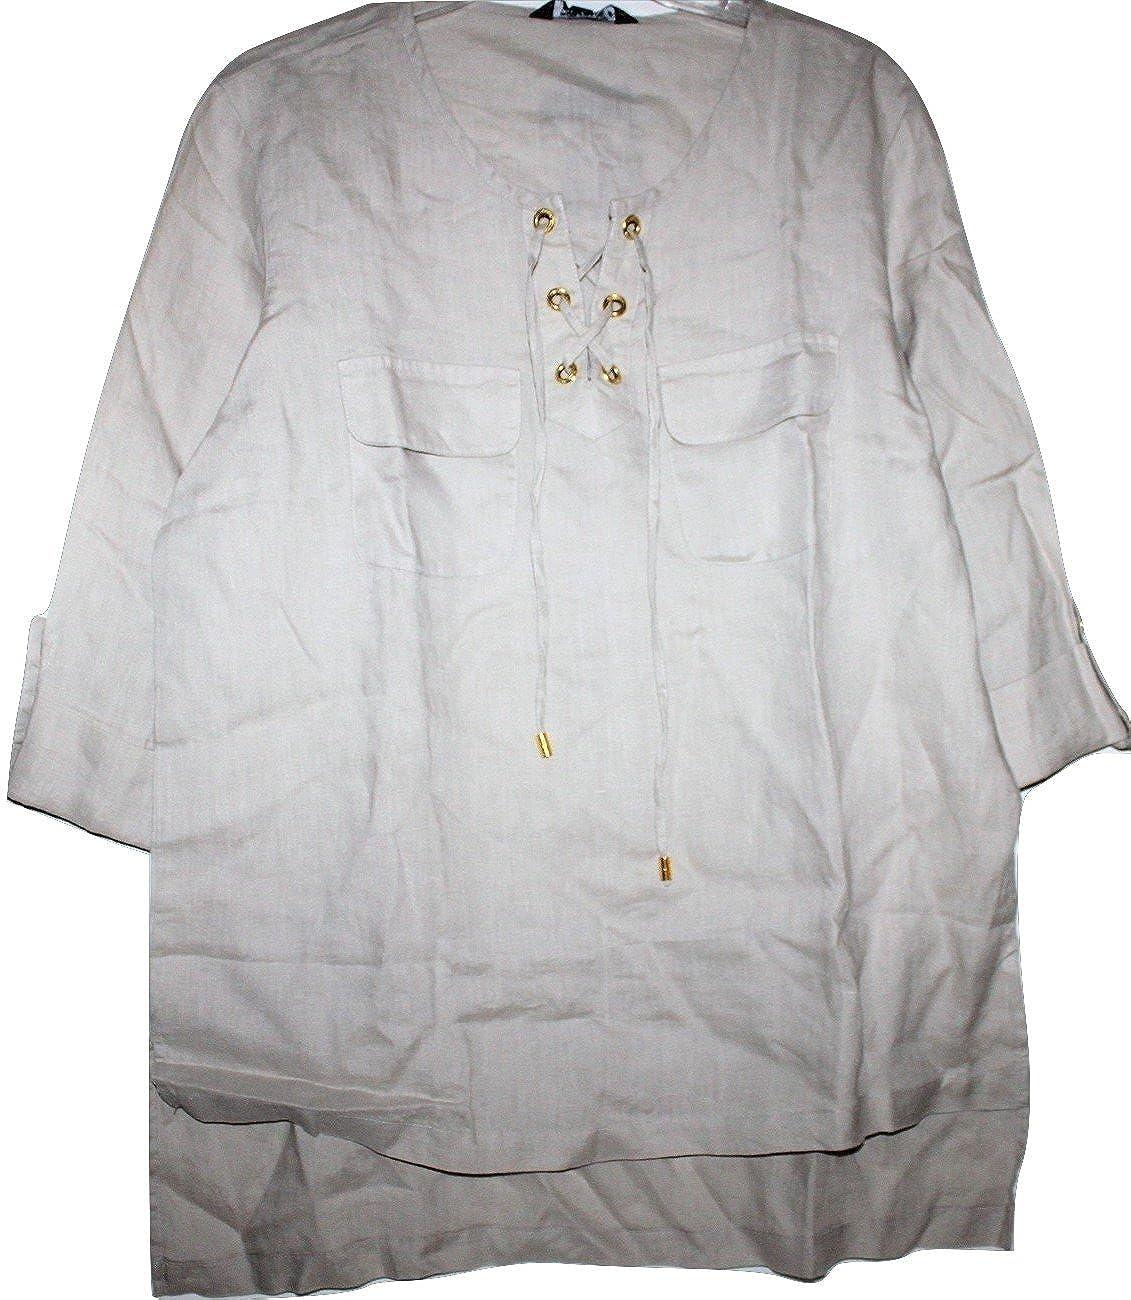 be0cd2cbe6 Top1  Ellen Tracy Company Women s Beige 100% Linen Tunic Top w  Roll   Tab  Sleeves